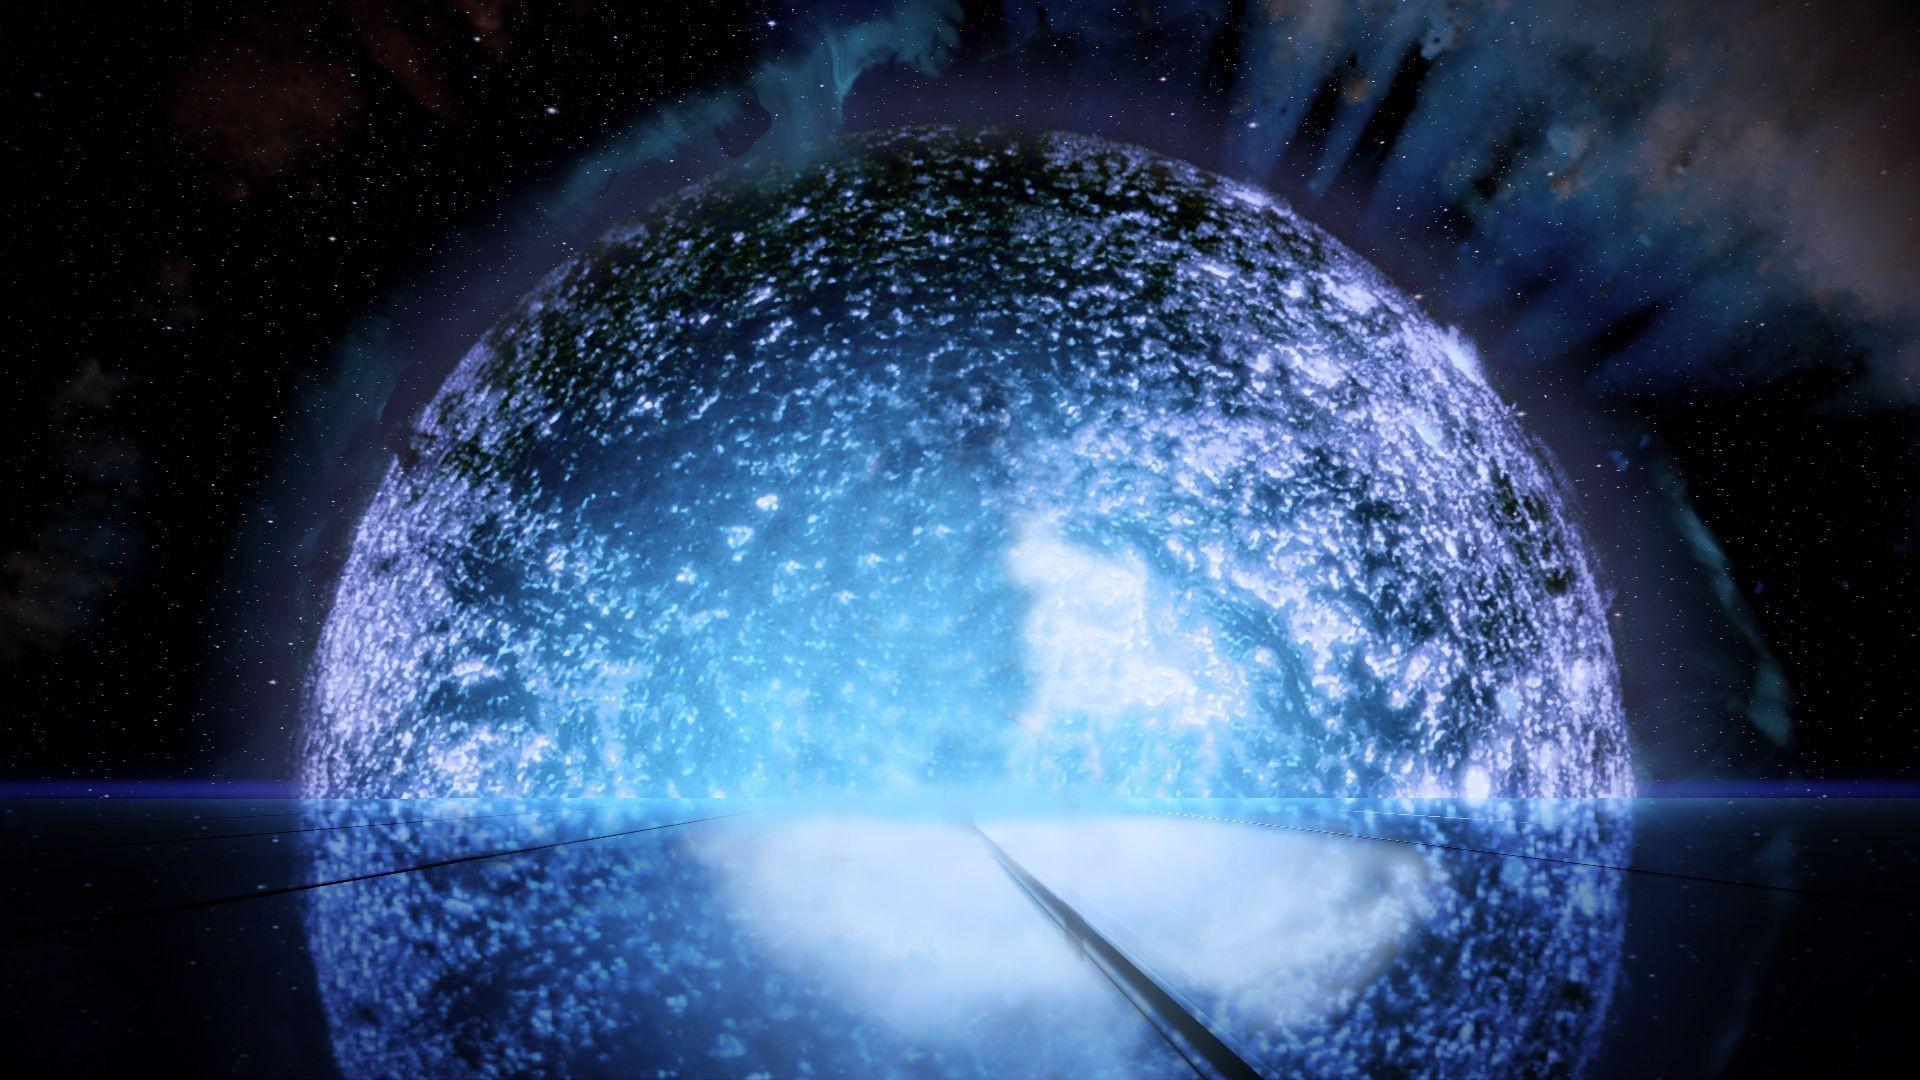 Mass Effect Wallpaper Wallpapers) – HD Wallpapers